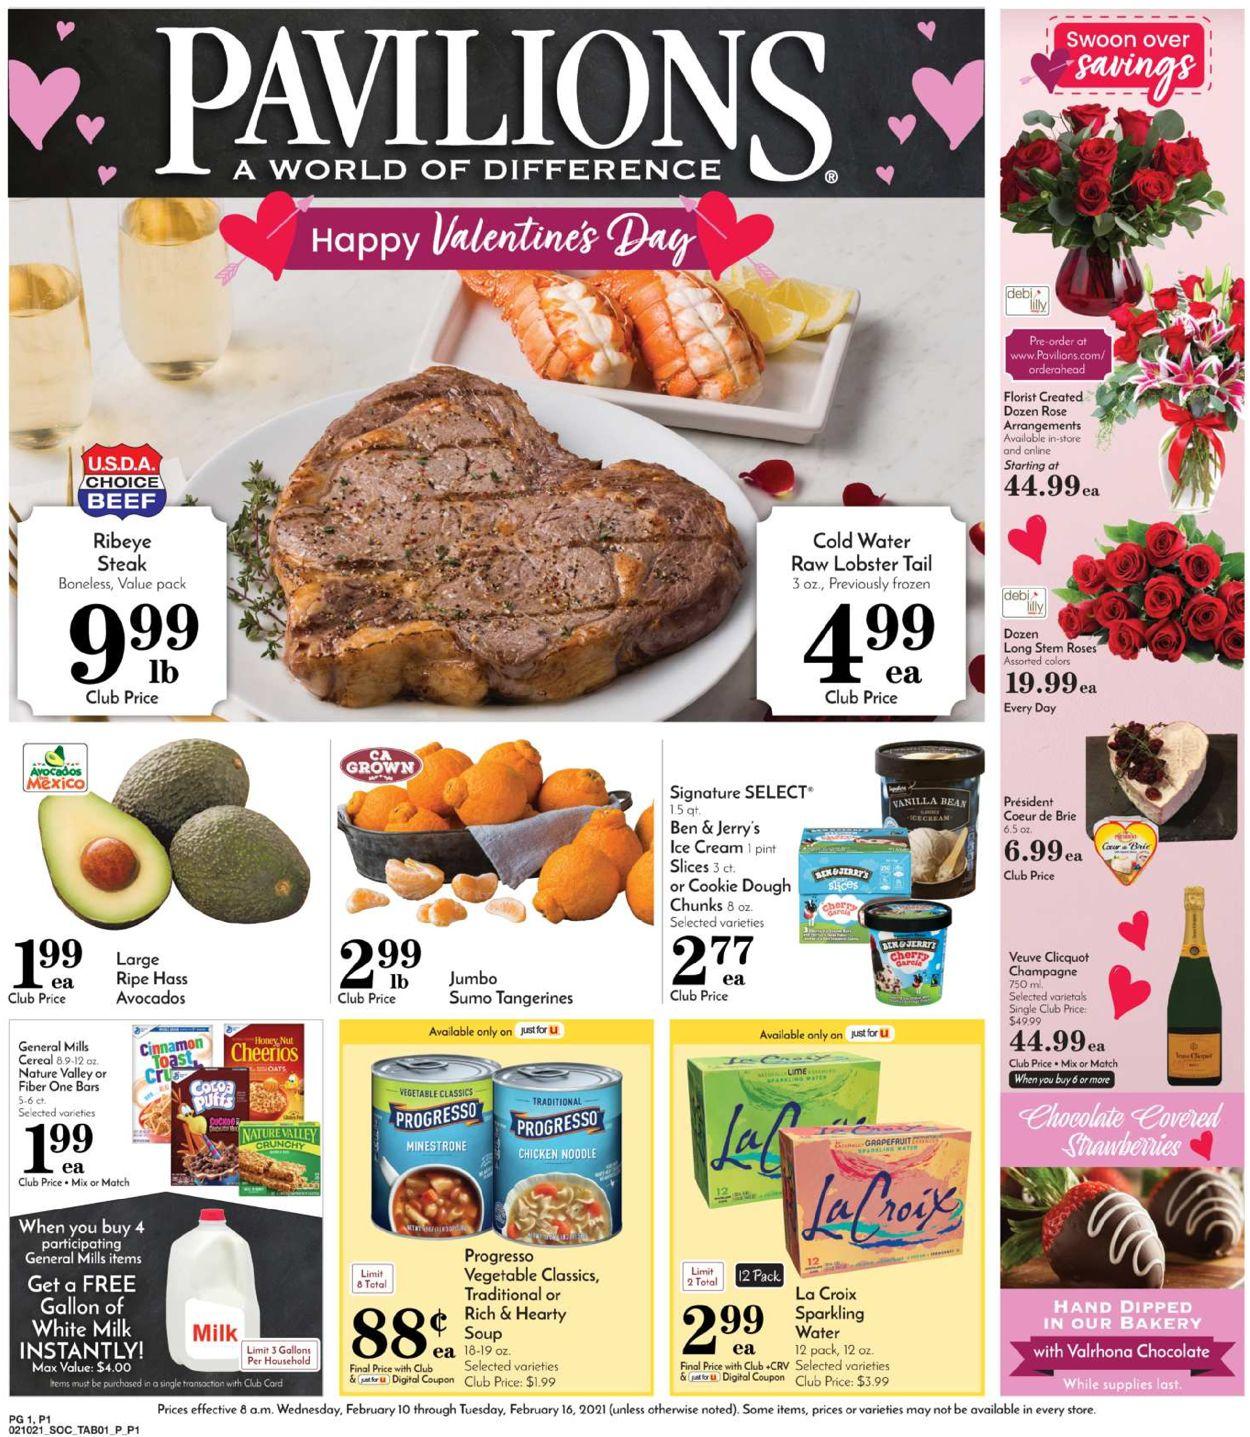 Pavilions Weekly Ad Circular - valid 02/10-02/16/2021